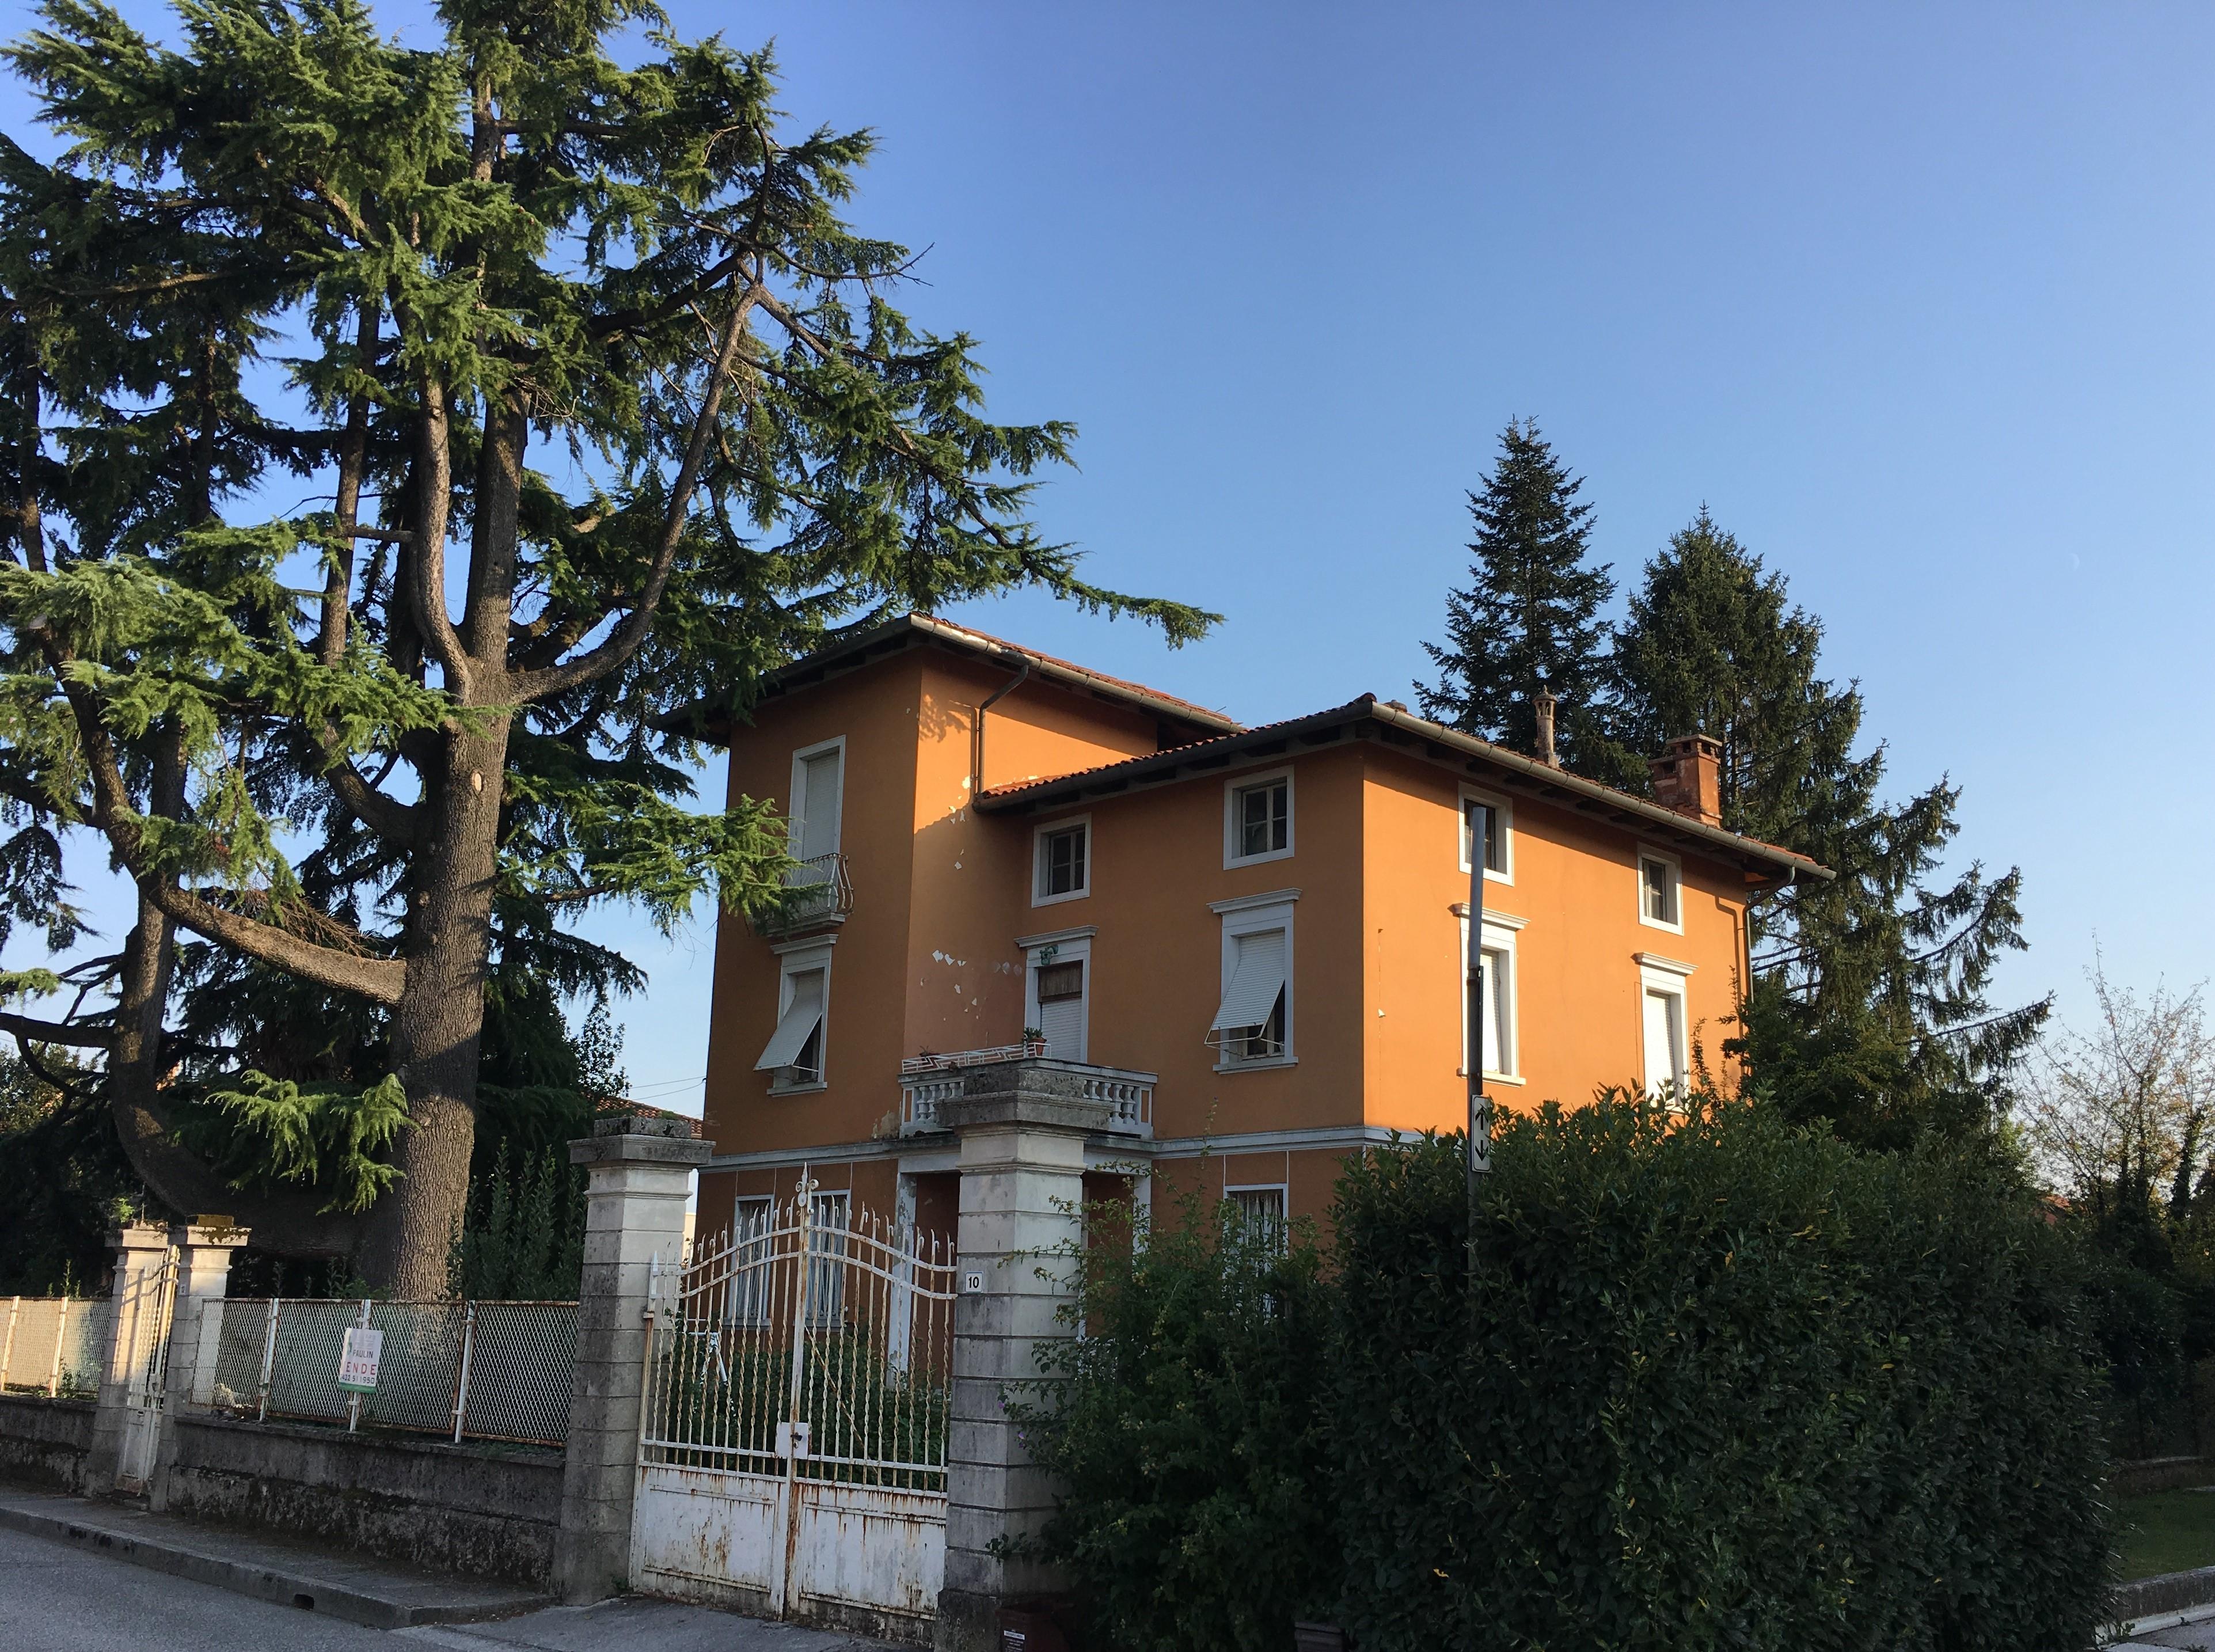 Villa in vendita a Pasian di Prato, 5 locali, prezzo € 300.000 | CambioCasa.it